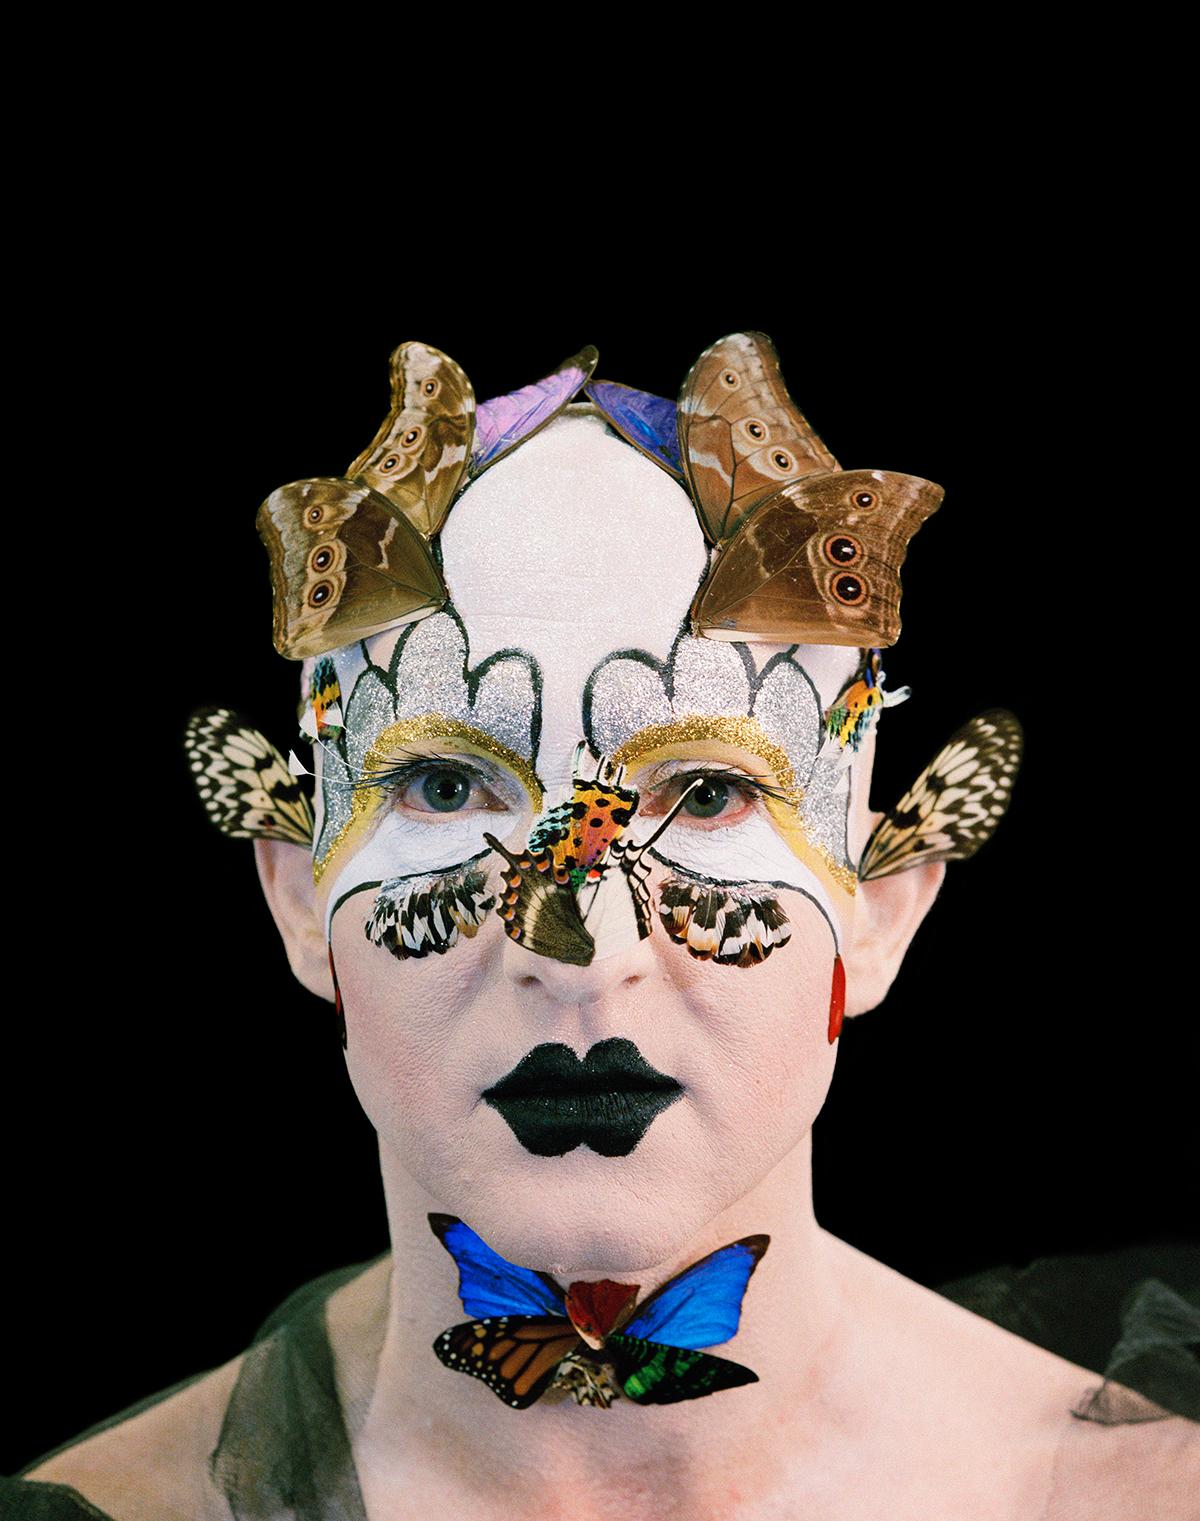 Steven Cohen - Golgotha - Portrait #4, Paris, 2009,